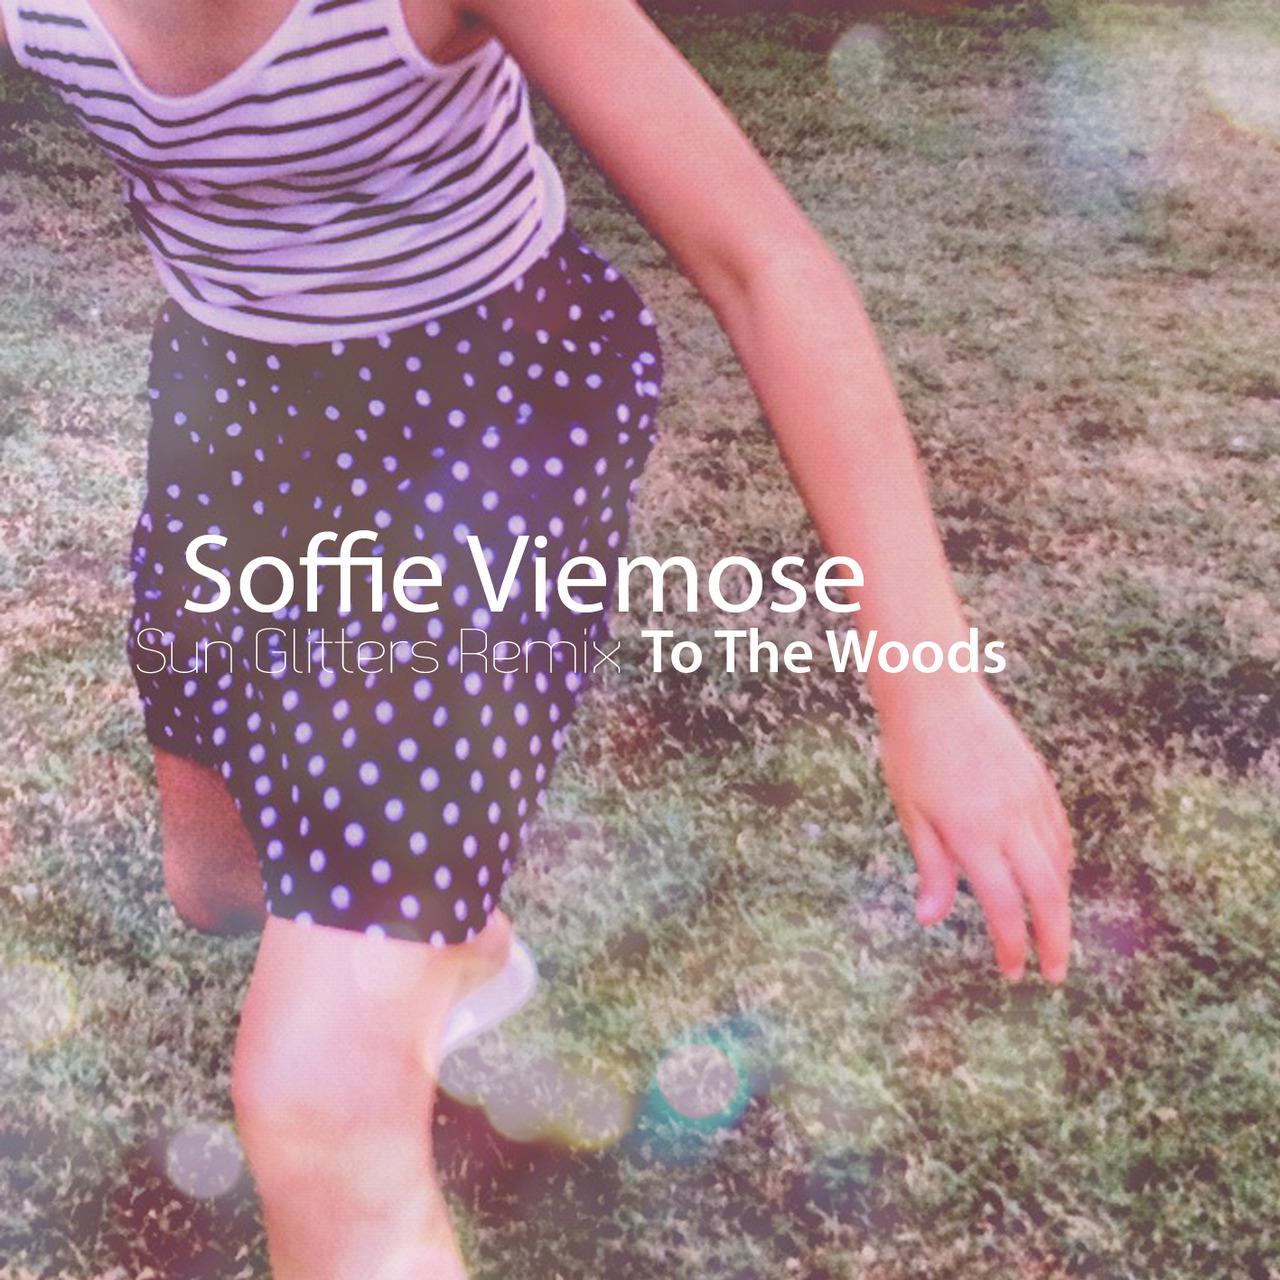 Soffie-Viemose